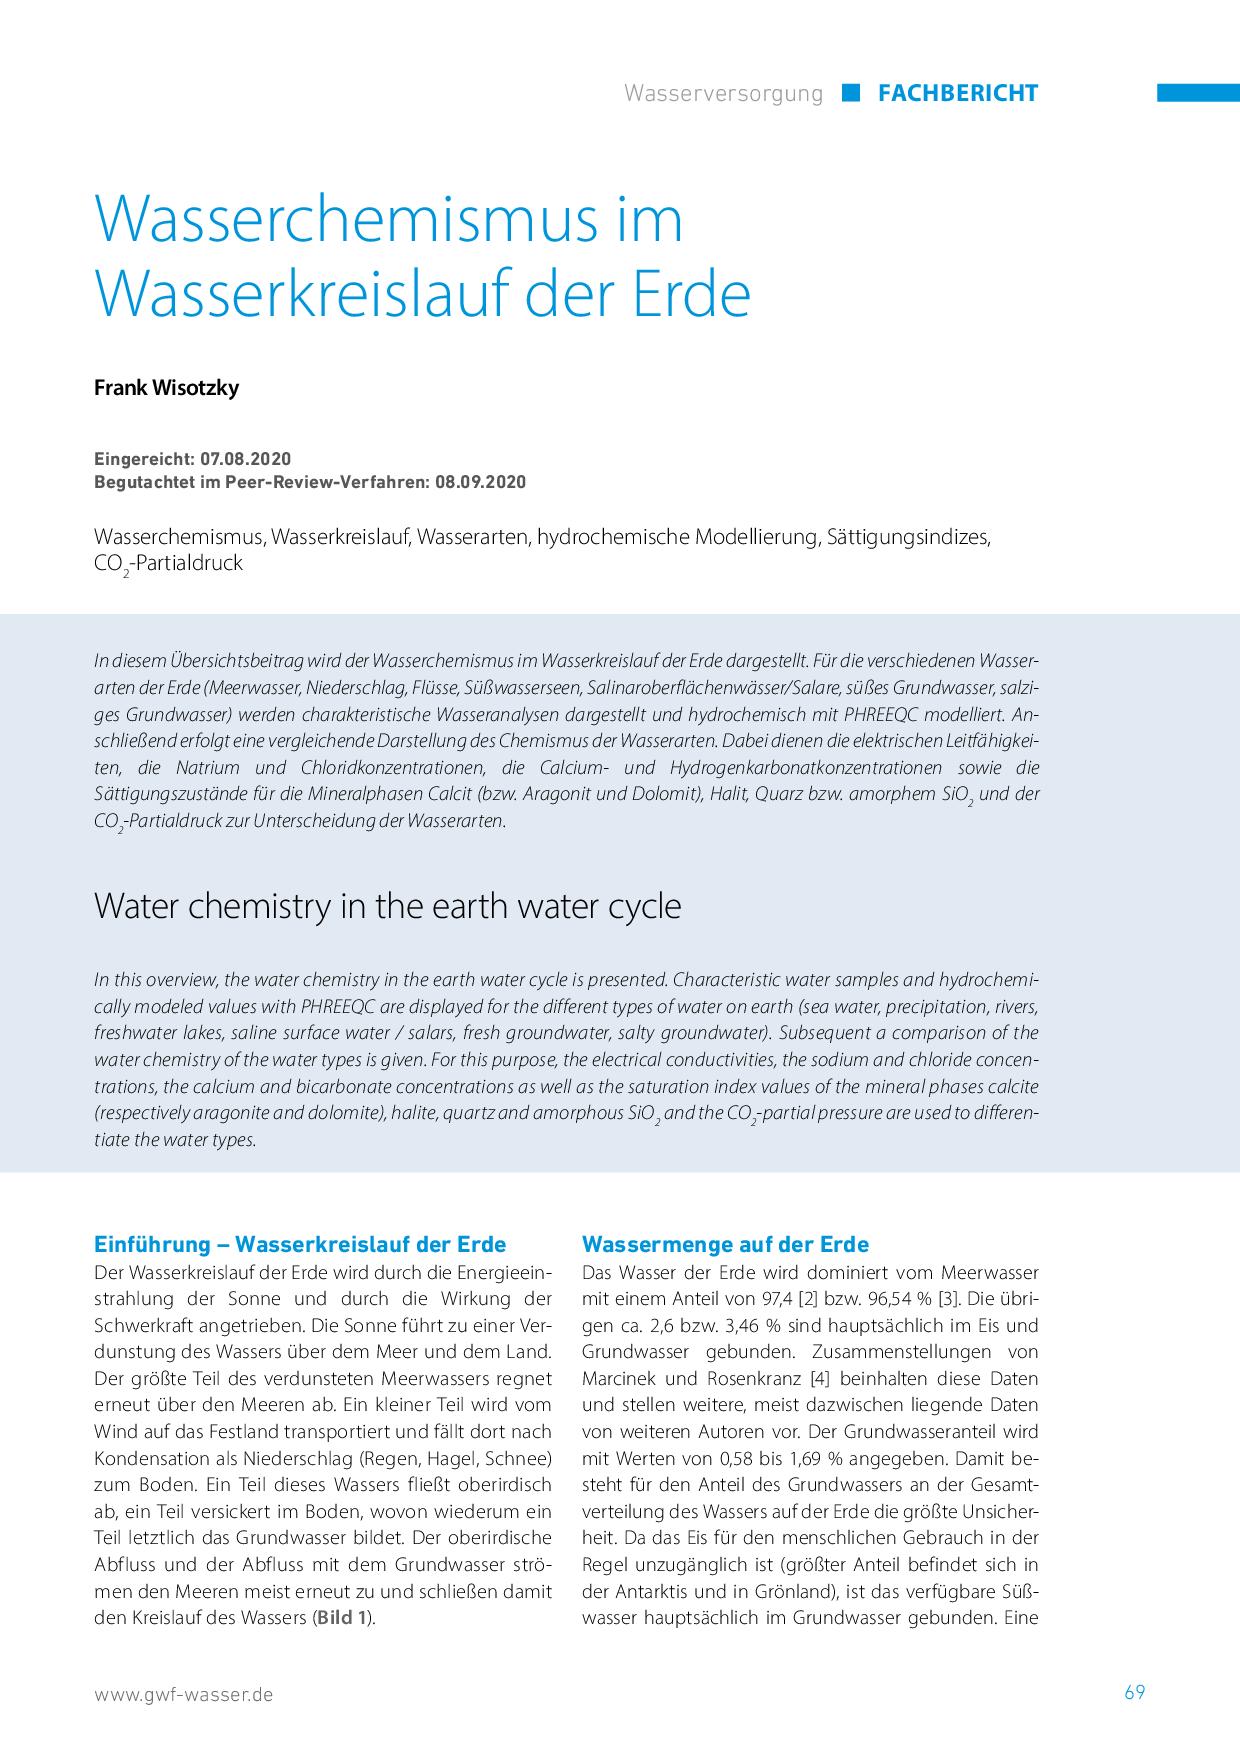 Wasserchemismus im Wasserkreislauf der Erde